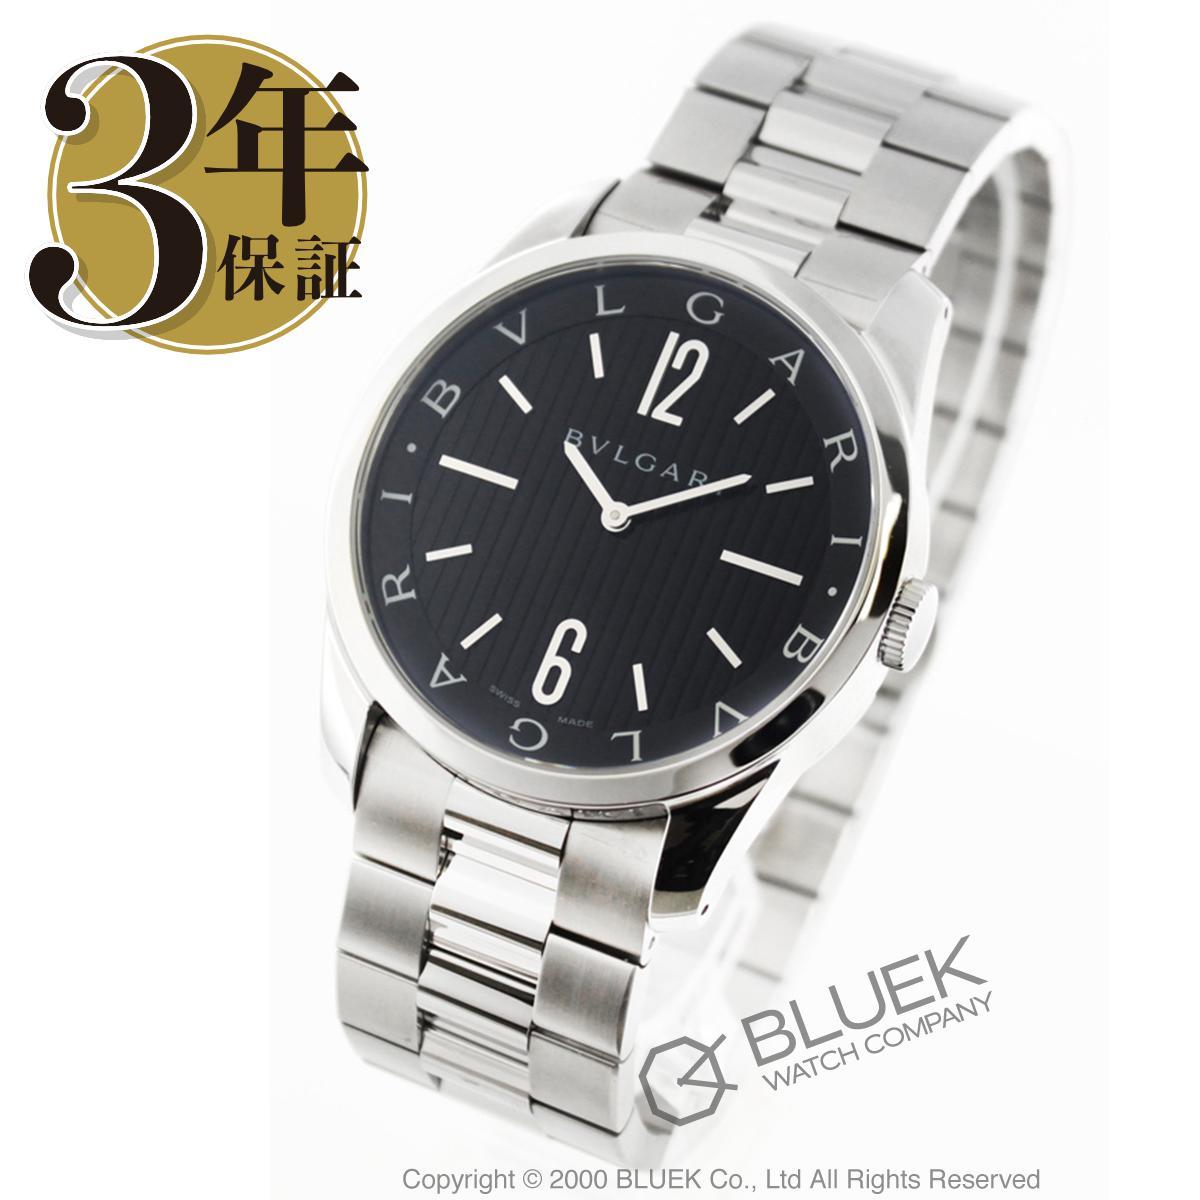 ブルガリ ソロテンポ 腕時計 メンズ BVLGARI ST42BSS_8